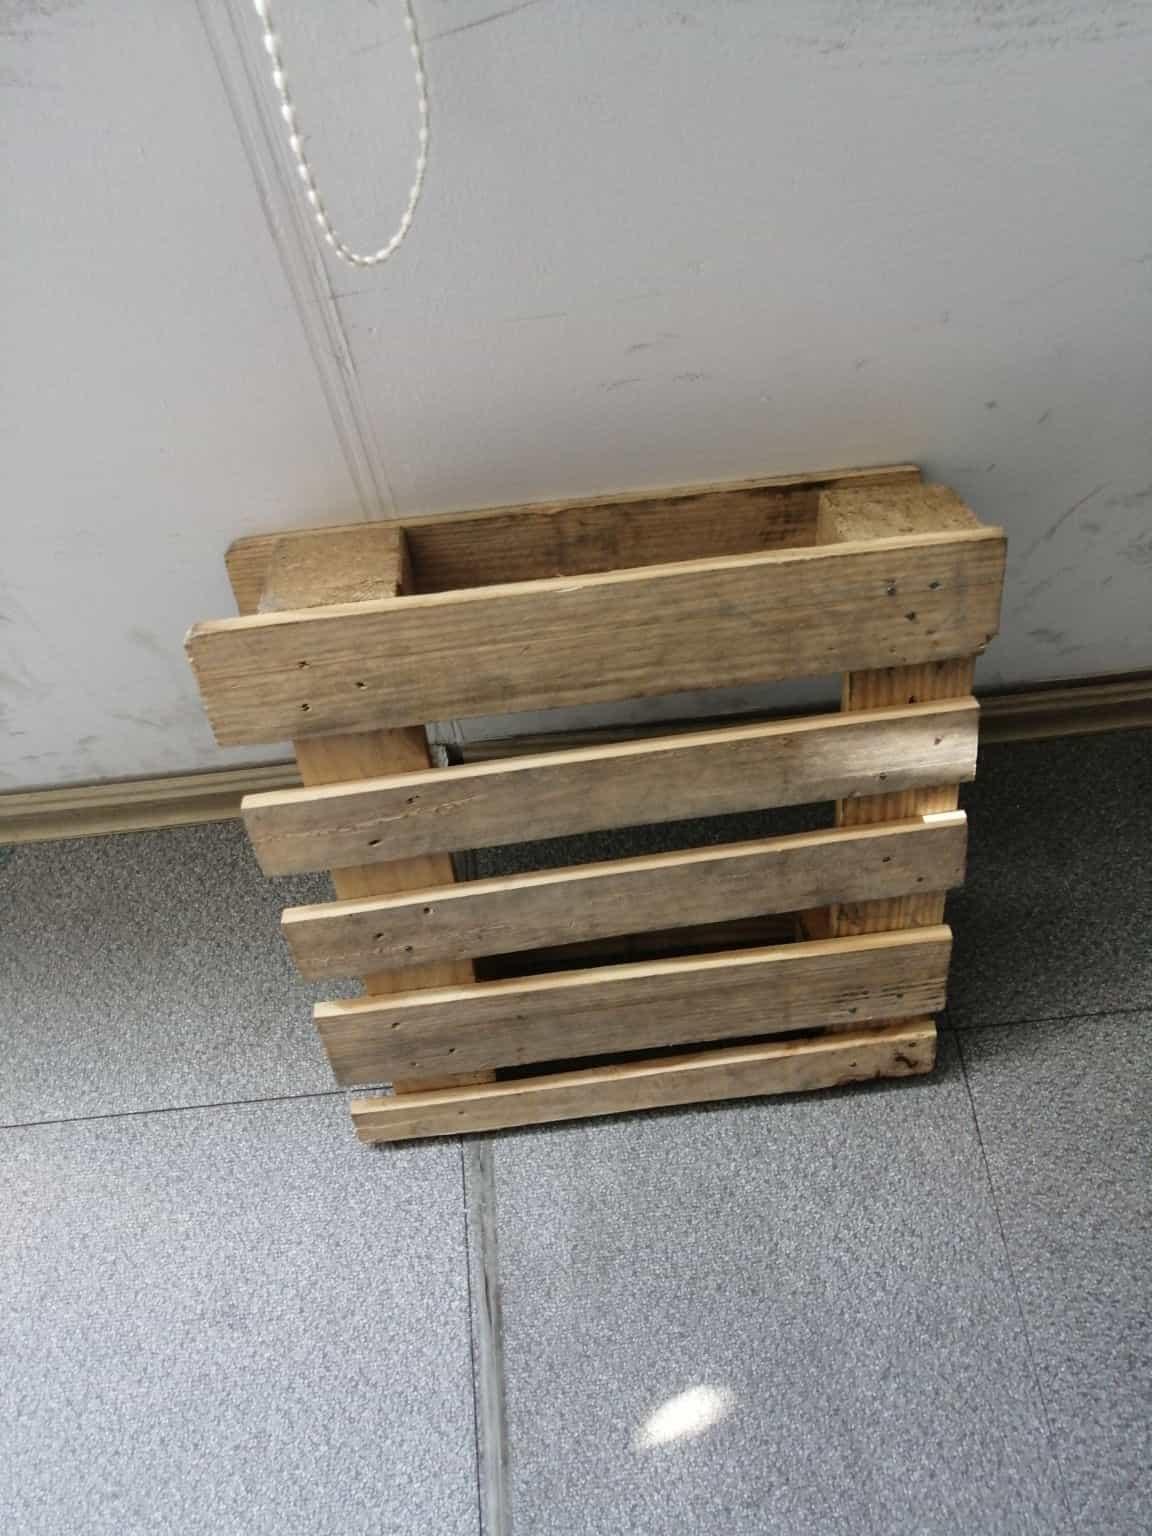 太原松木板?,┛Ⓙ﹃∽?托盘报价首先??,♬ゆ﹍工厂询问这个托盘大概需要